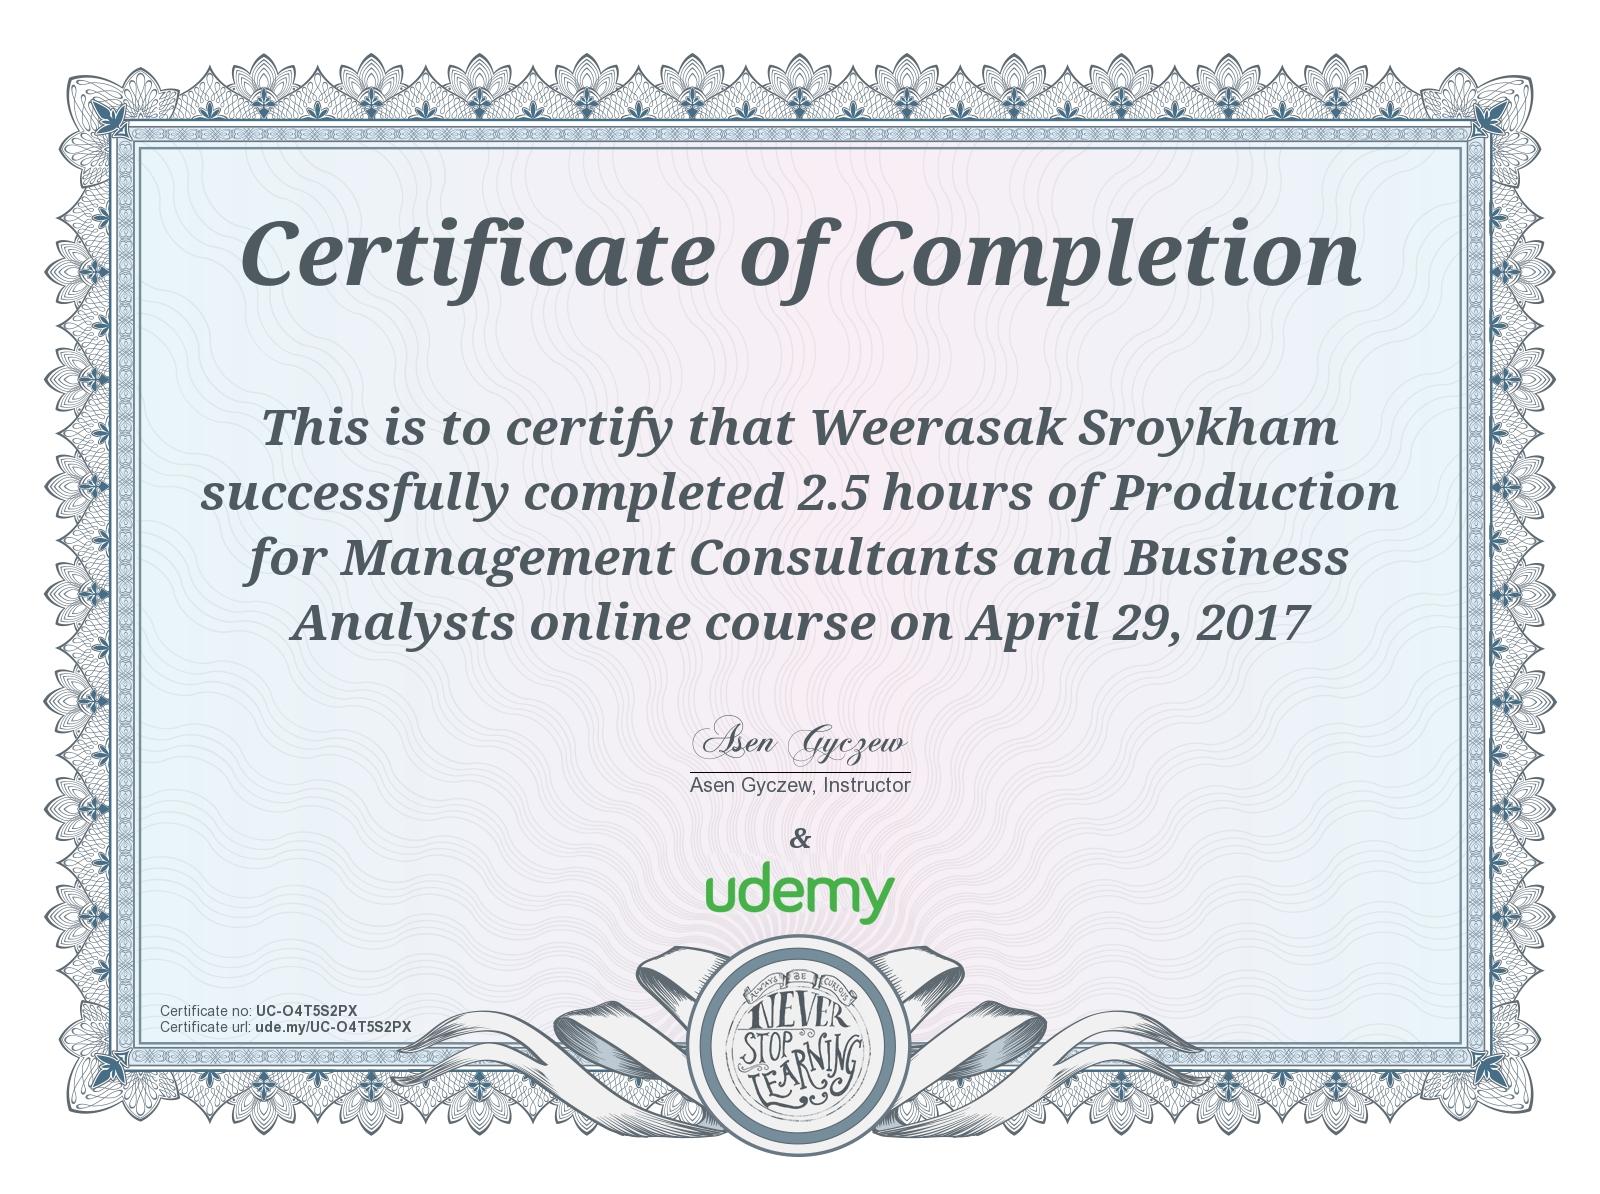 Weerasak Sroykham Online Learning Blog \